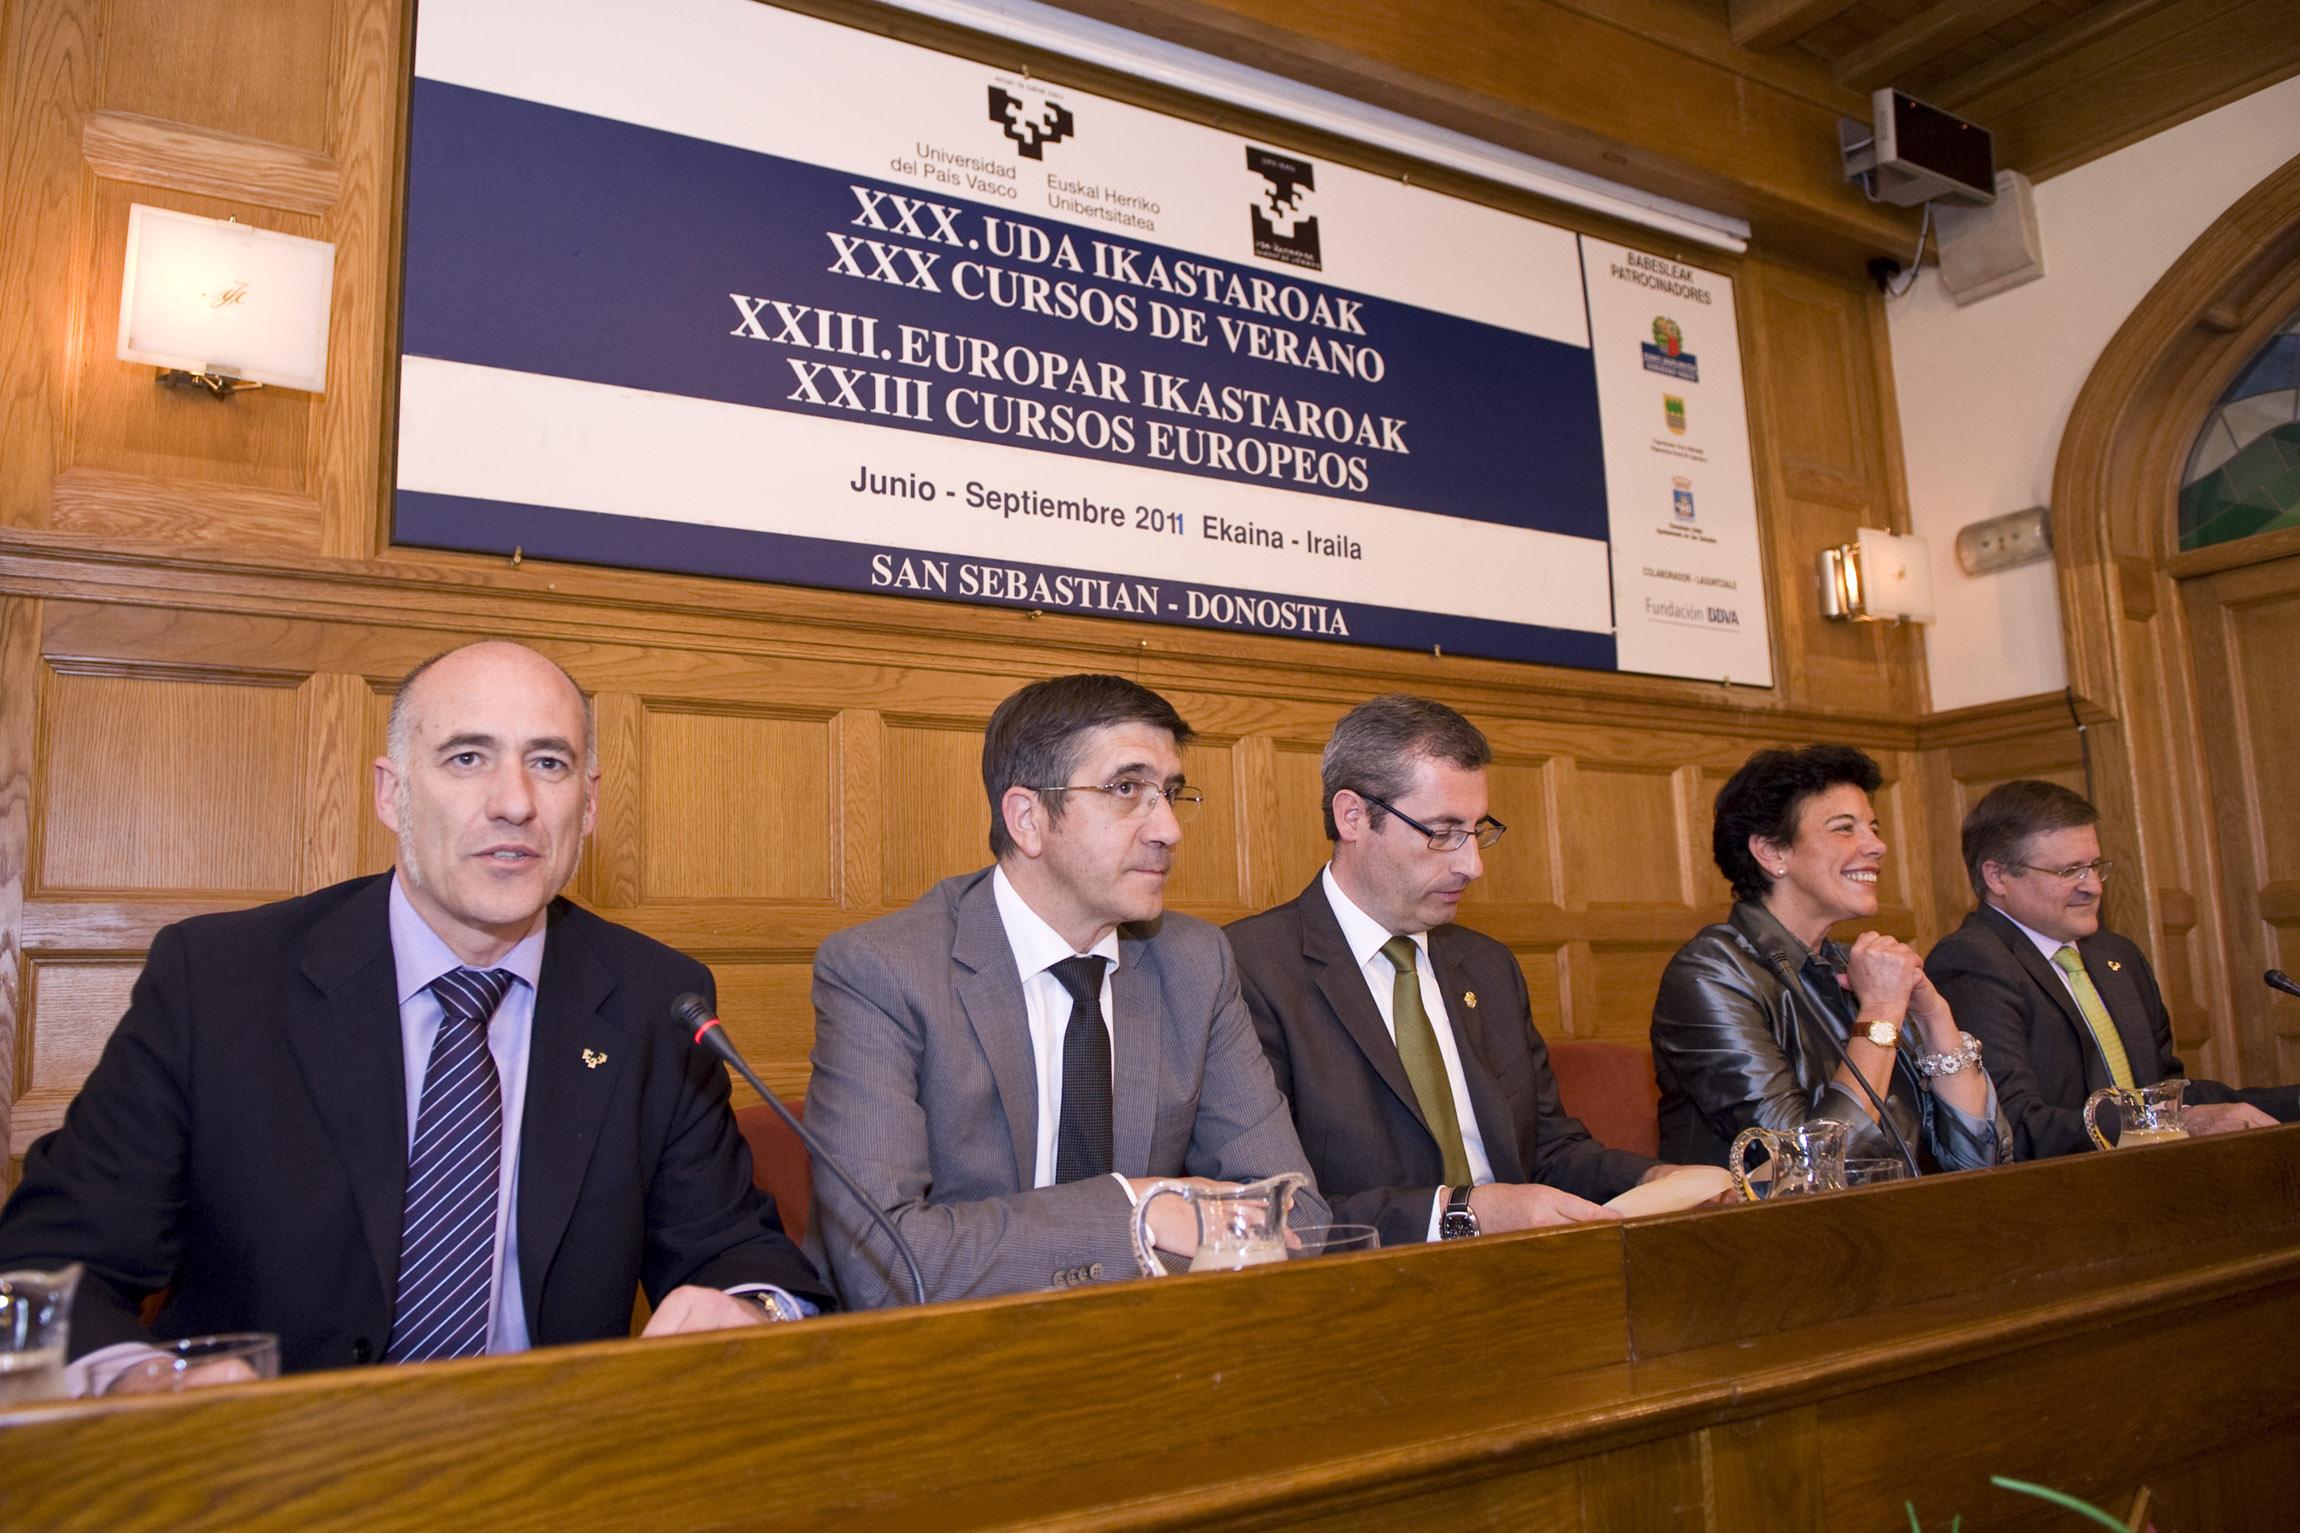 2011_06_21_leh_cursos_verano_07.jpg